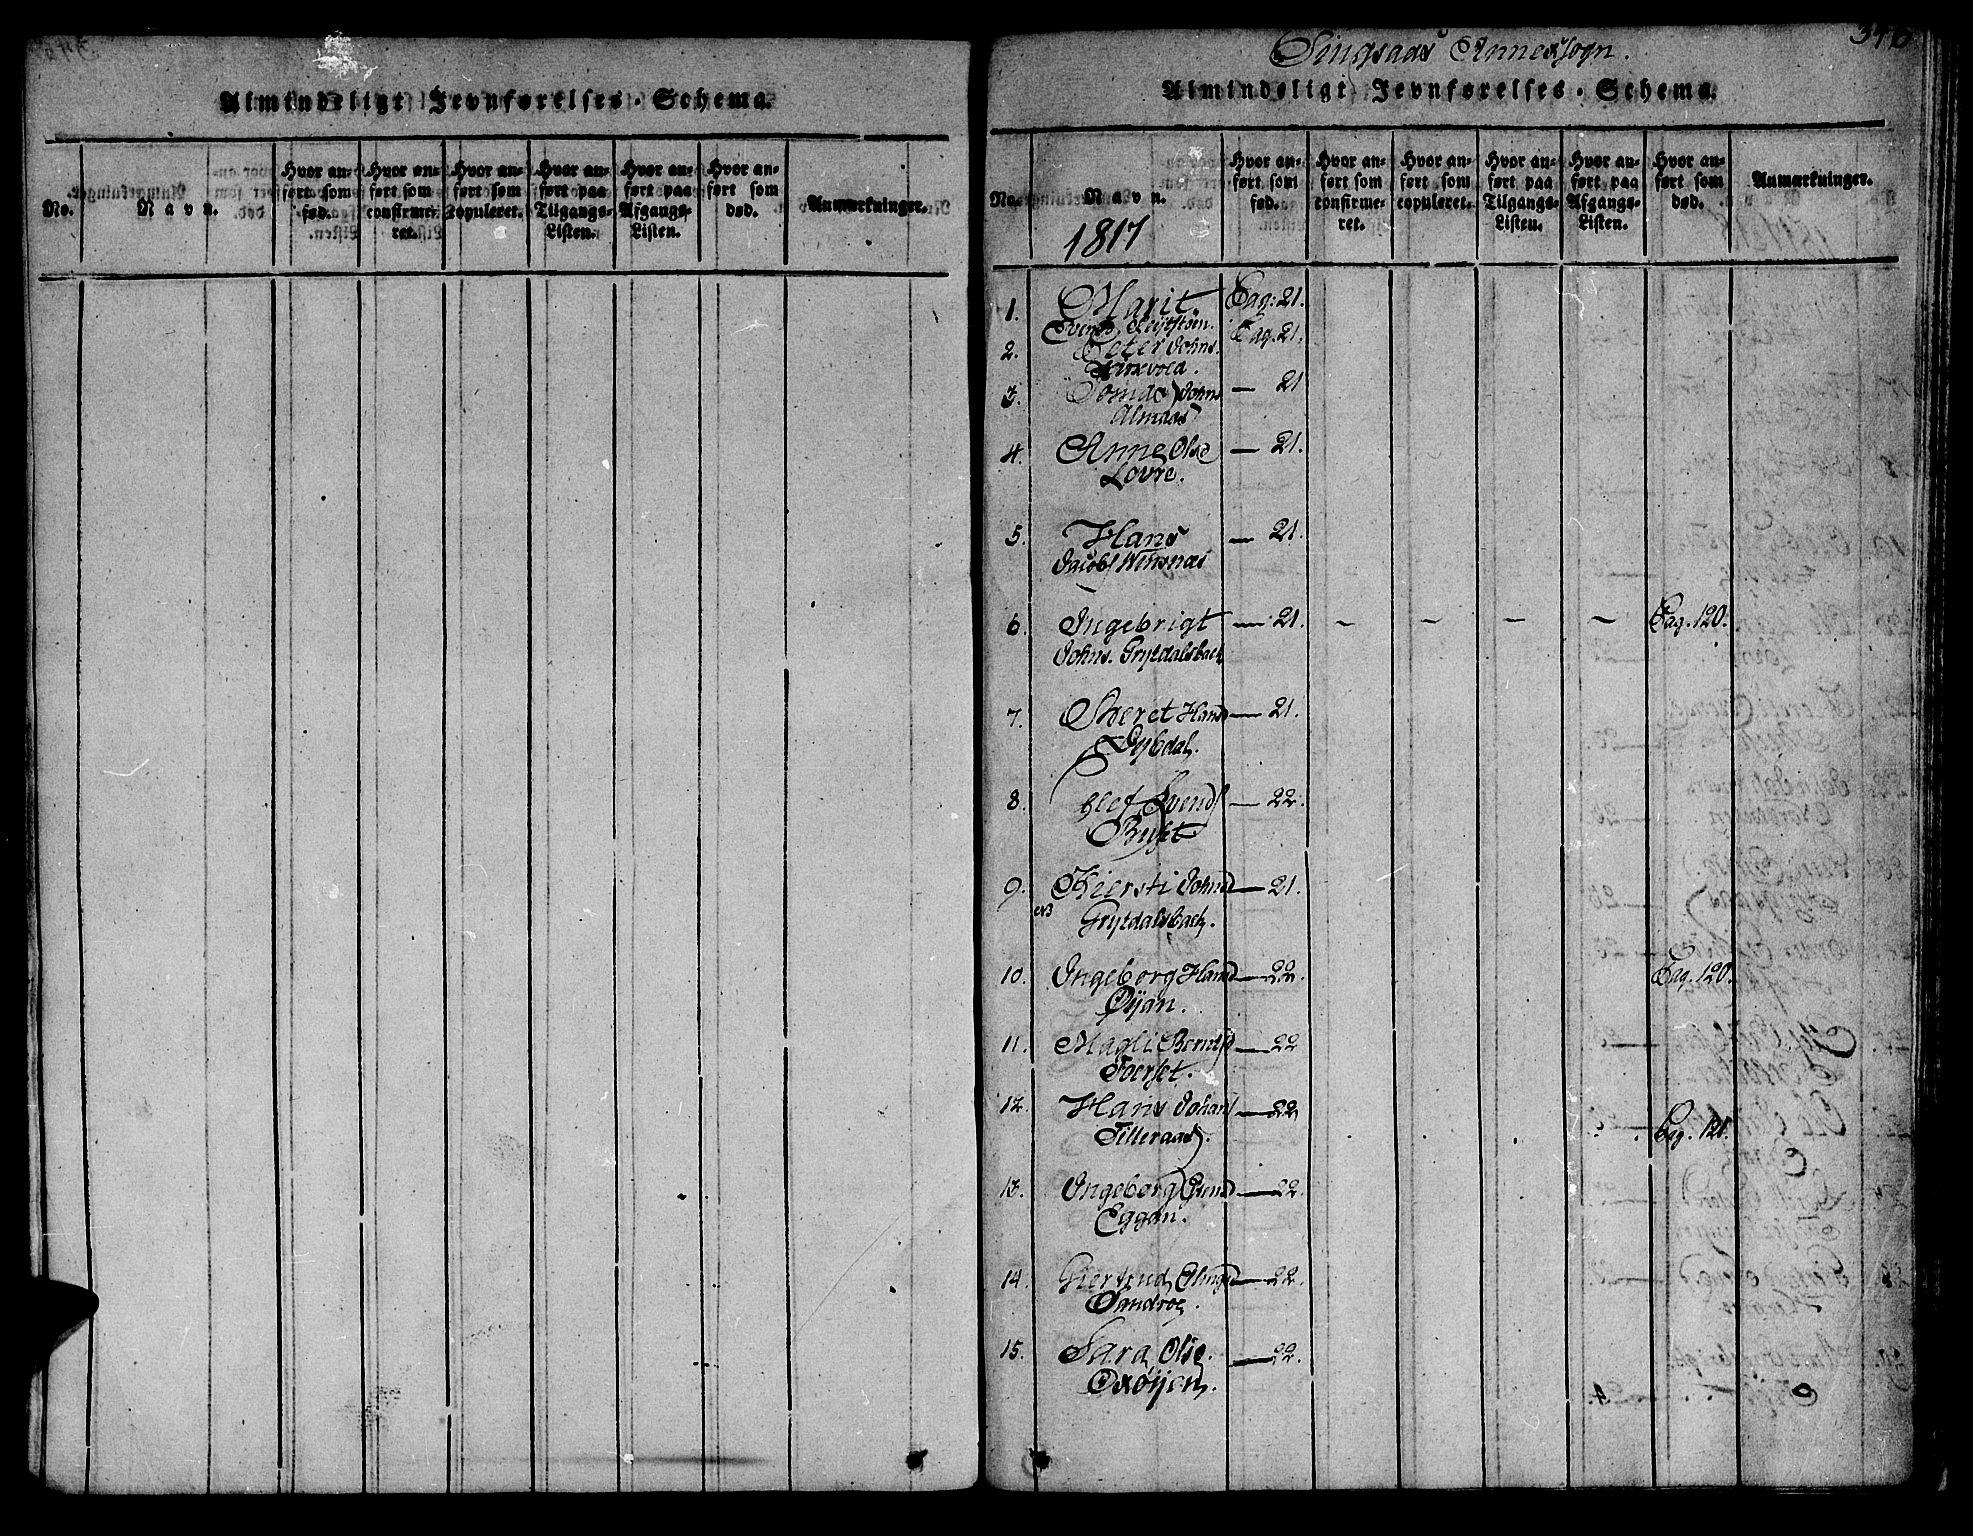 SAT, Ministerialprotokoller, klokkerbøker og fødselsregistre - Sør-Trøndelag, 685/L0955: Ministerialbok nr. 685A03 /2, 1817-1829, s. 346